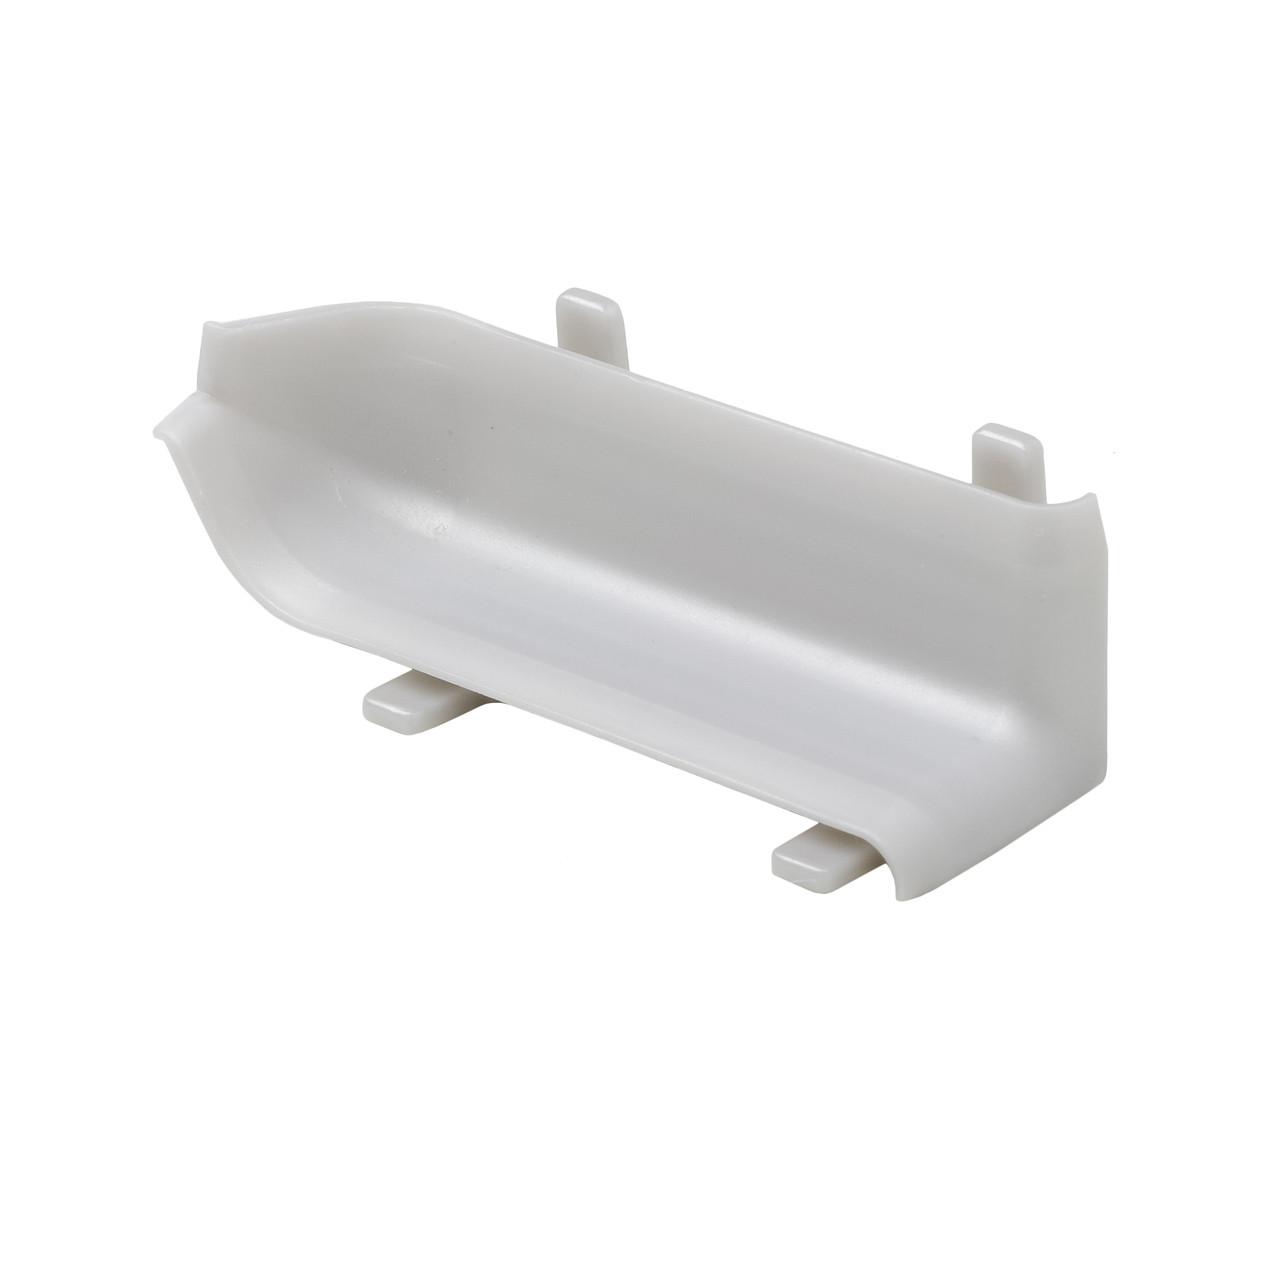 Внутренний уголок для плинтуса полипропиленовый серии 90/6 Profilpas (90/I) высота 60 мм